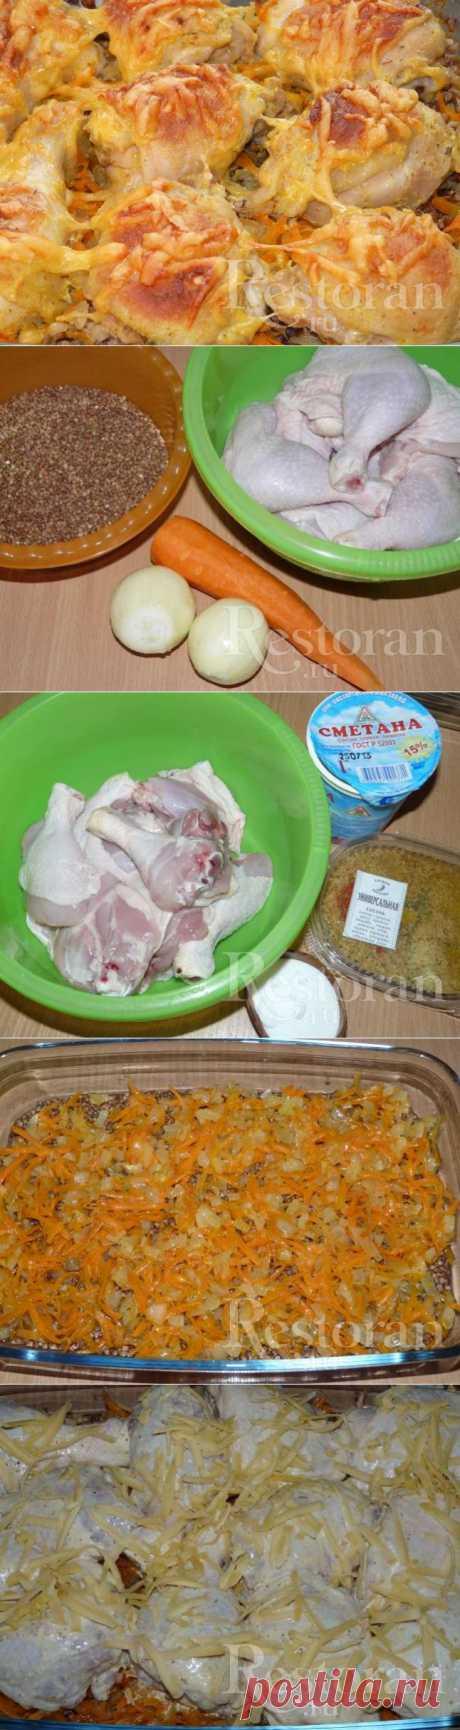 «Быстрый ужин» - греча с куриными ножками под сыром  Ингредиенты  греча 500 гр куриные ножки 6 шт лук репчатый 2 шт морковь 2 шт сметана 1 ст.л сыр 150 гр соль, специи по вкусу